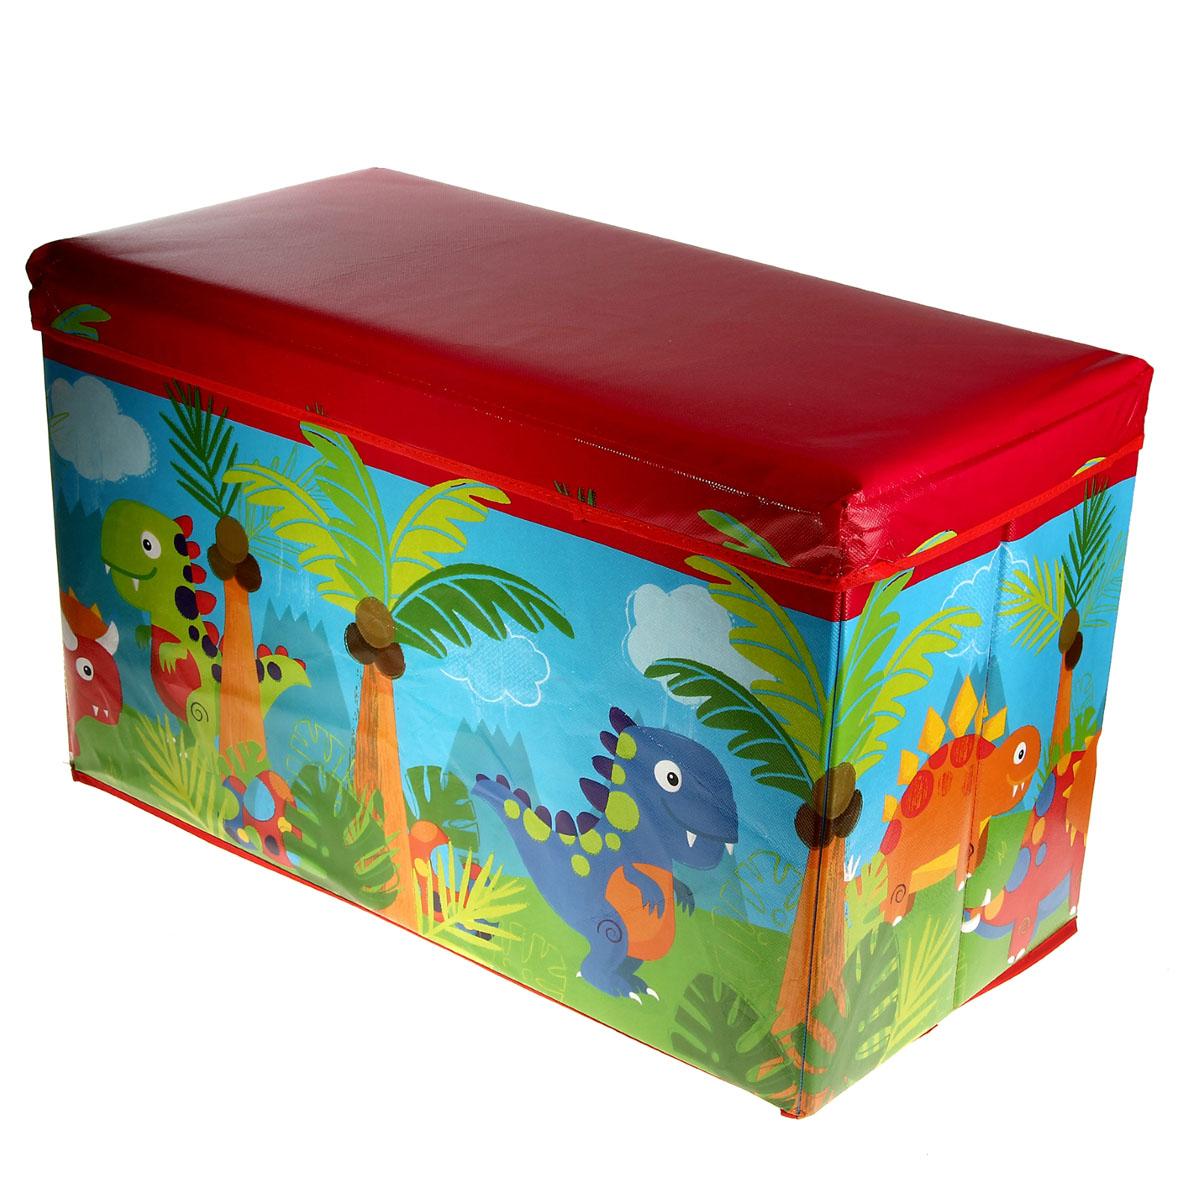 Коробка для хранения Sima-land Динозаврики, 35 см х 59 см х 31 смMB8040Коробка для хранения Sima-land Динозаврики изготовлена из искусственной кожи и картона. Коробка имеет съемную, мягкую крышку. Материал коробки позволяет сохранять естественную вентиляцию, а воздуху свободно проникать внутрь, не пропуская пыль. Благодаря специальным вставкам, коробка прекрасно держит форму, что позволяет ее использовать как дополнительное посадочное место для ребенка. Красочный дизайн коробки понравиться вашему ребенку. Компактные габариты коробки не загромождают помещение. Коробку можно хранить в обычном шкафу. Внутренняя емкость позволяет хранить внутри игрушки, книжки и другие вещи. Мобильность коробки обеспечивает складывание и раскладывание ее одним движением.Коробка Sima-land Динозаврики - идеальное решения для хранения вещей. Размер коробки: 35 см х 59 см х 31 см.